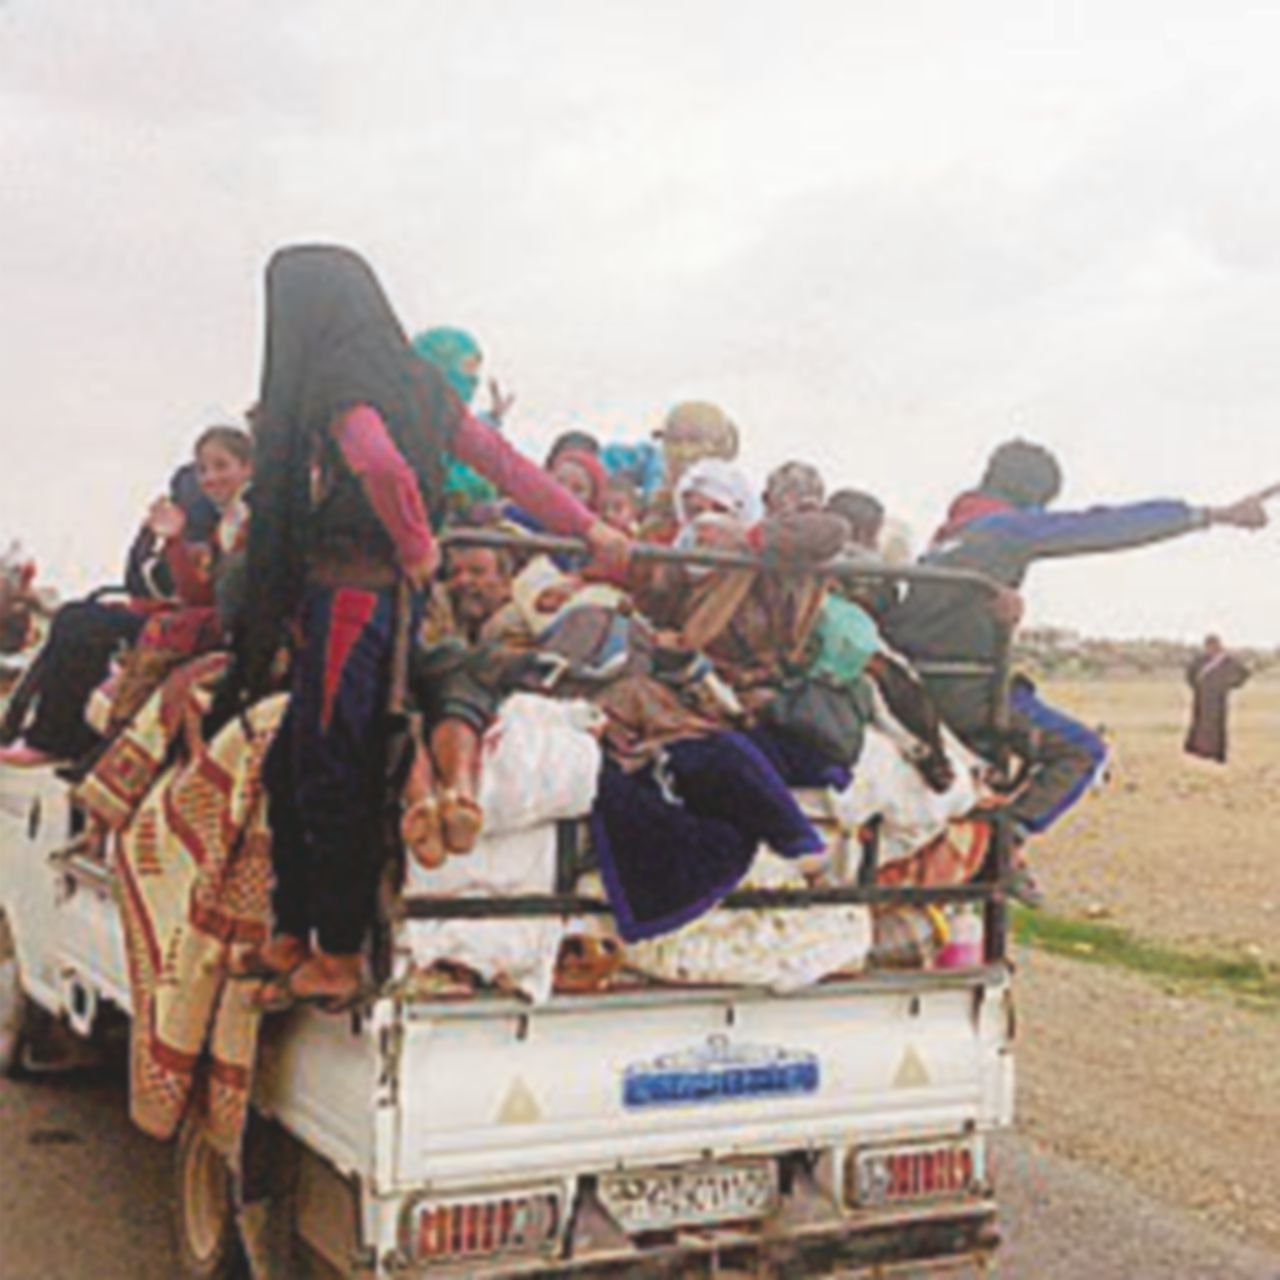 Prossima fermata Raqqa: intanto pioggia di razzi (e morti)